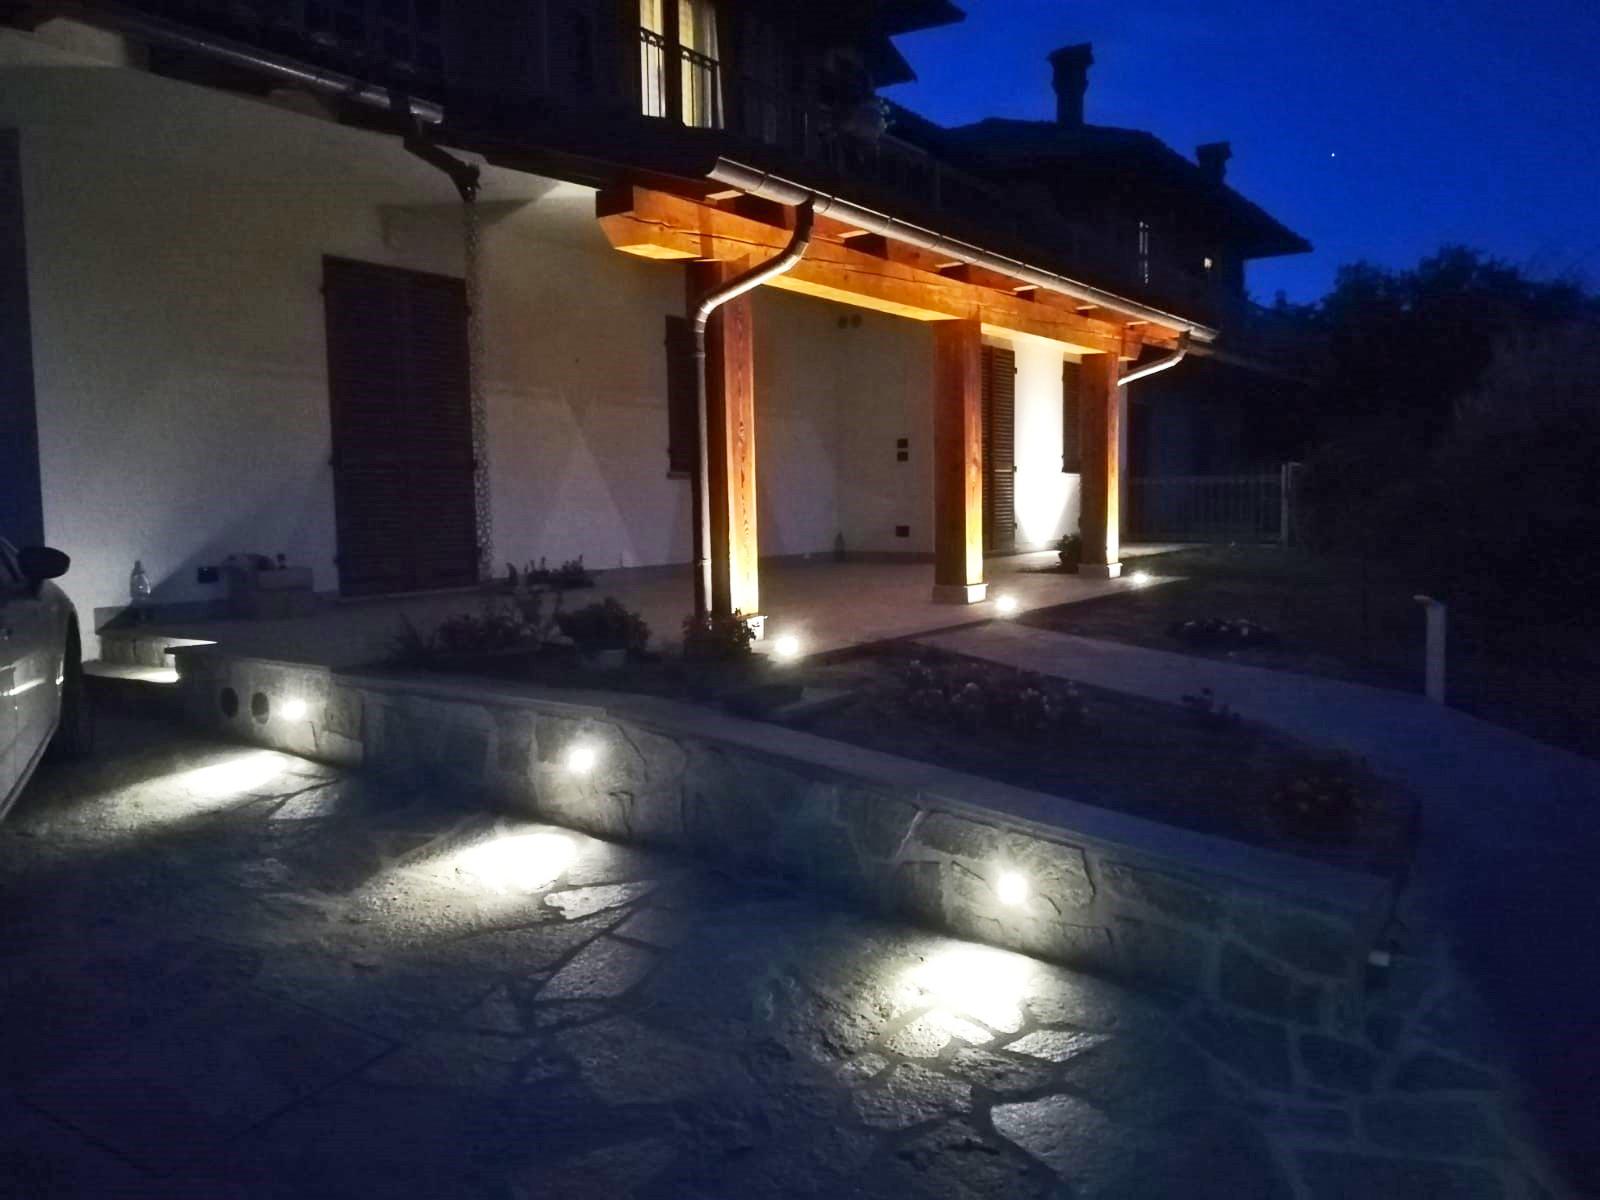 Devi creare la giusta illuminazione per la tua casa o per il tuo